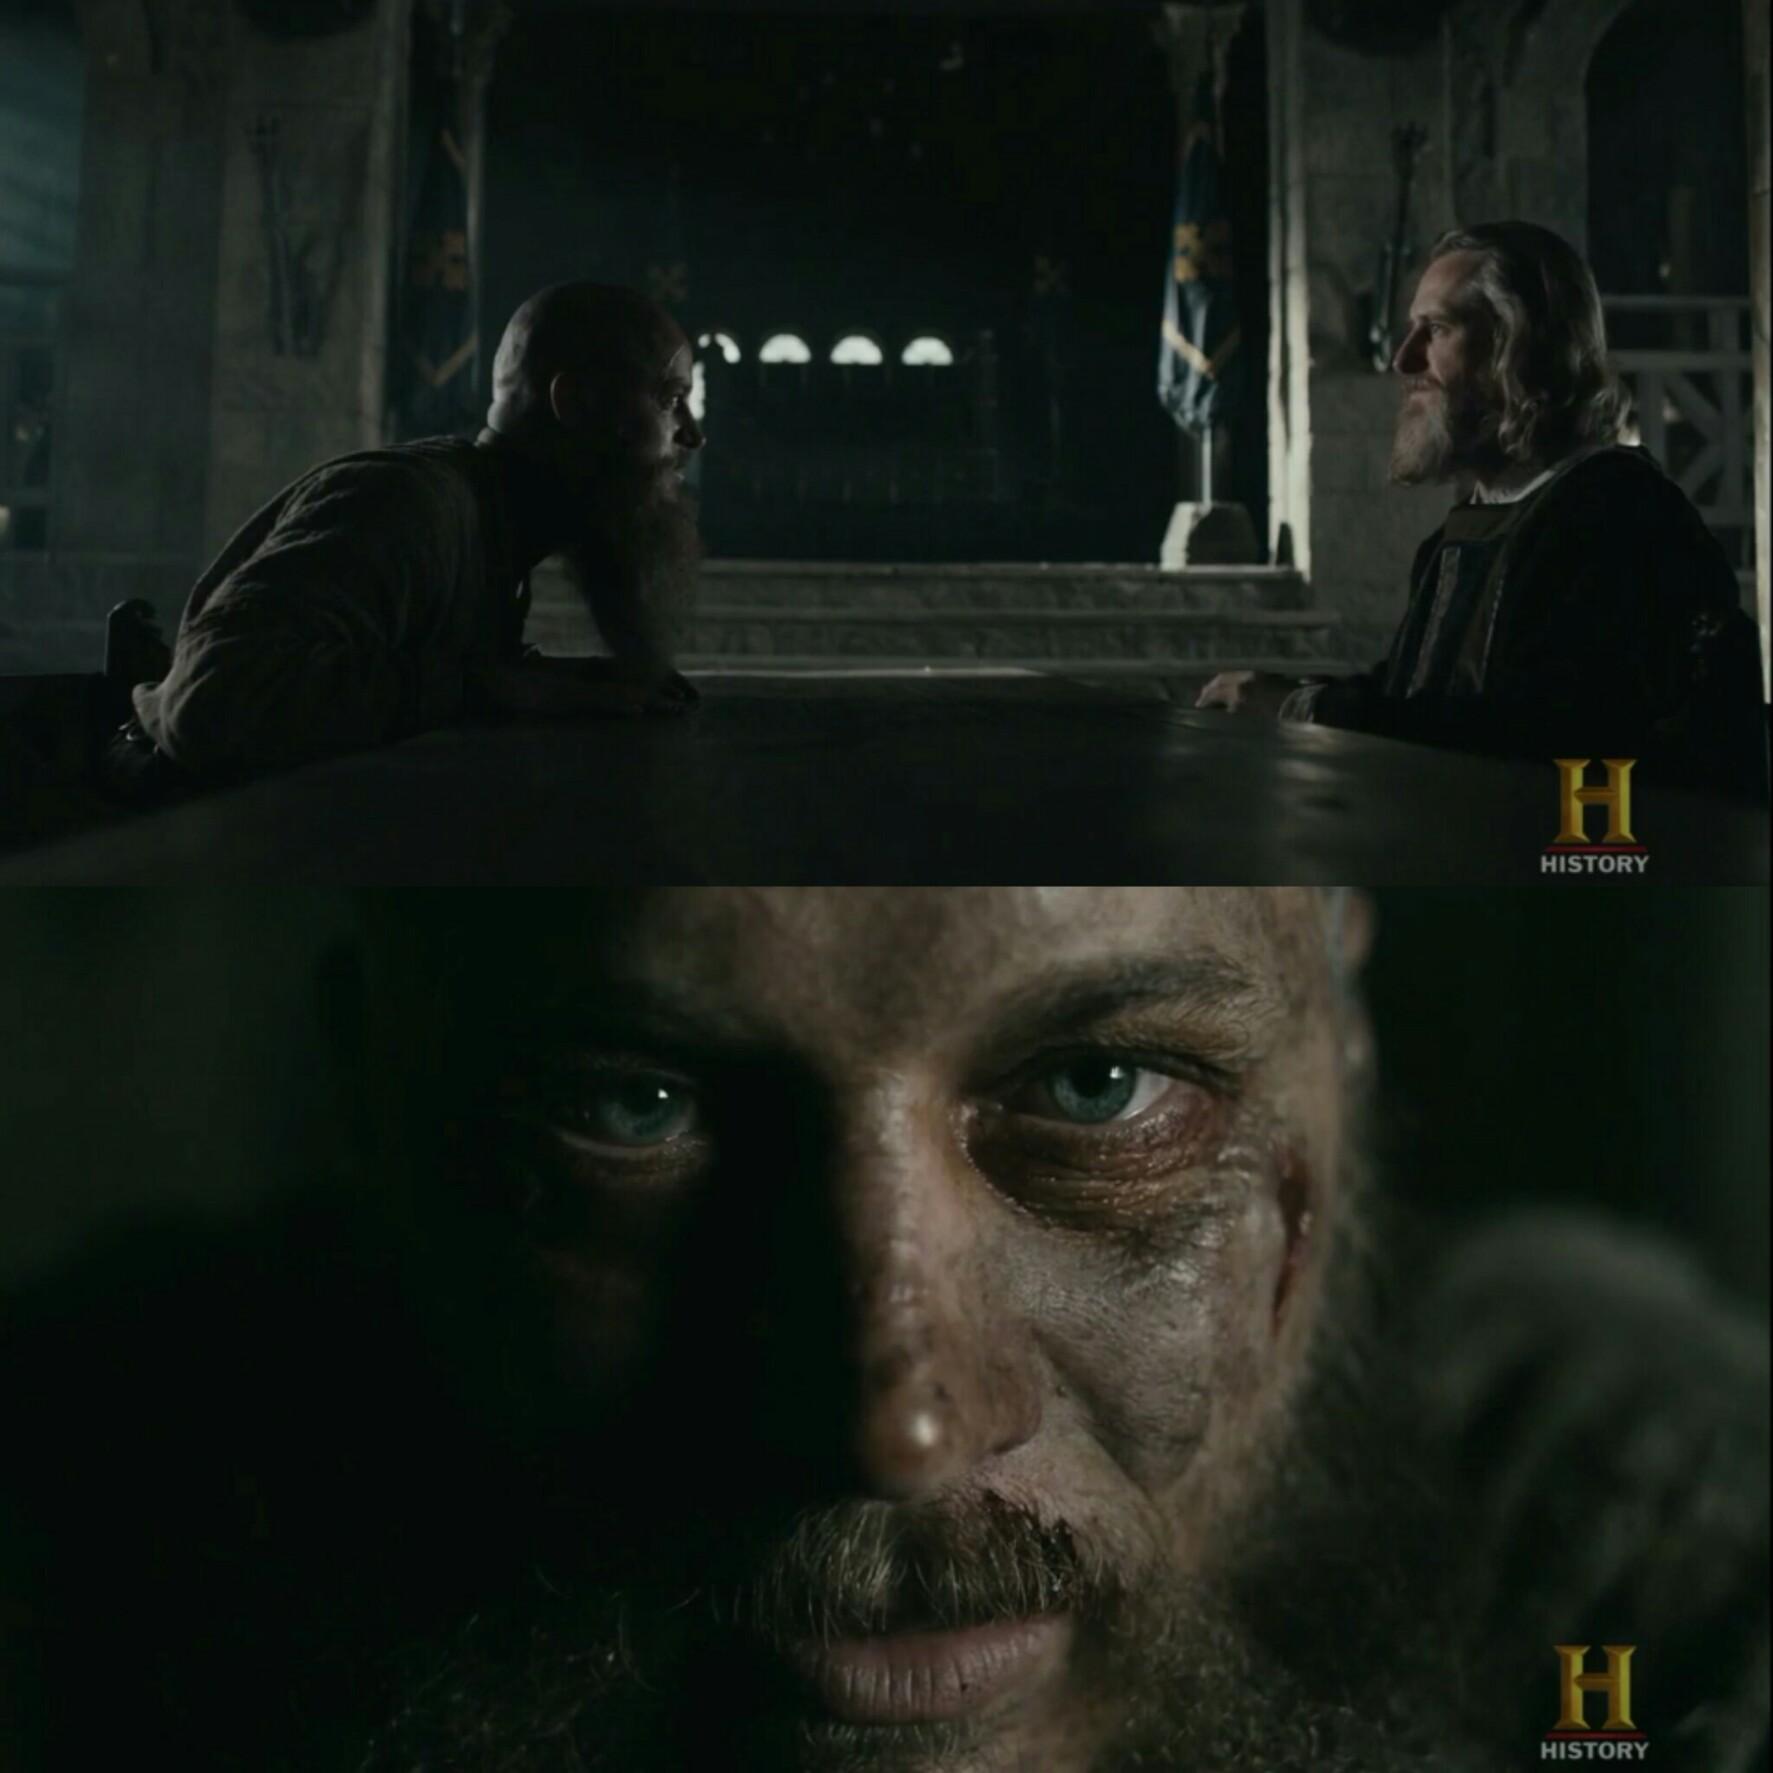 ölüm öncesi bakışları -vikings.